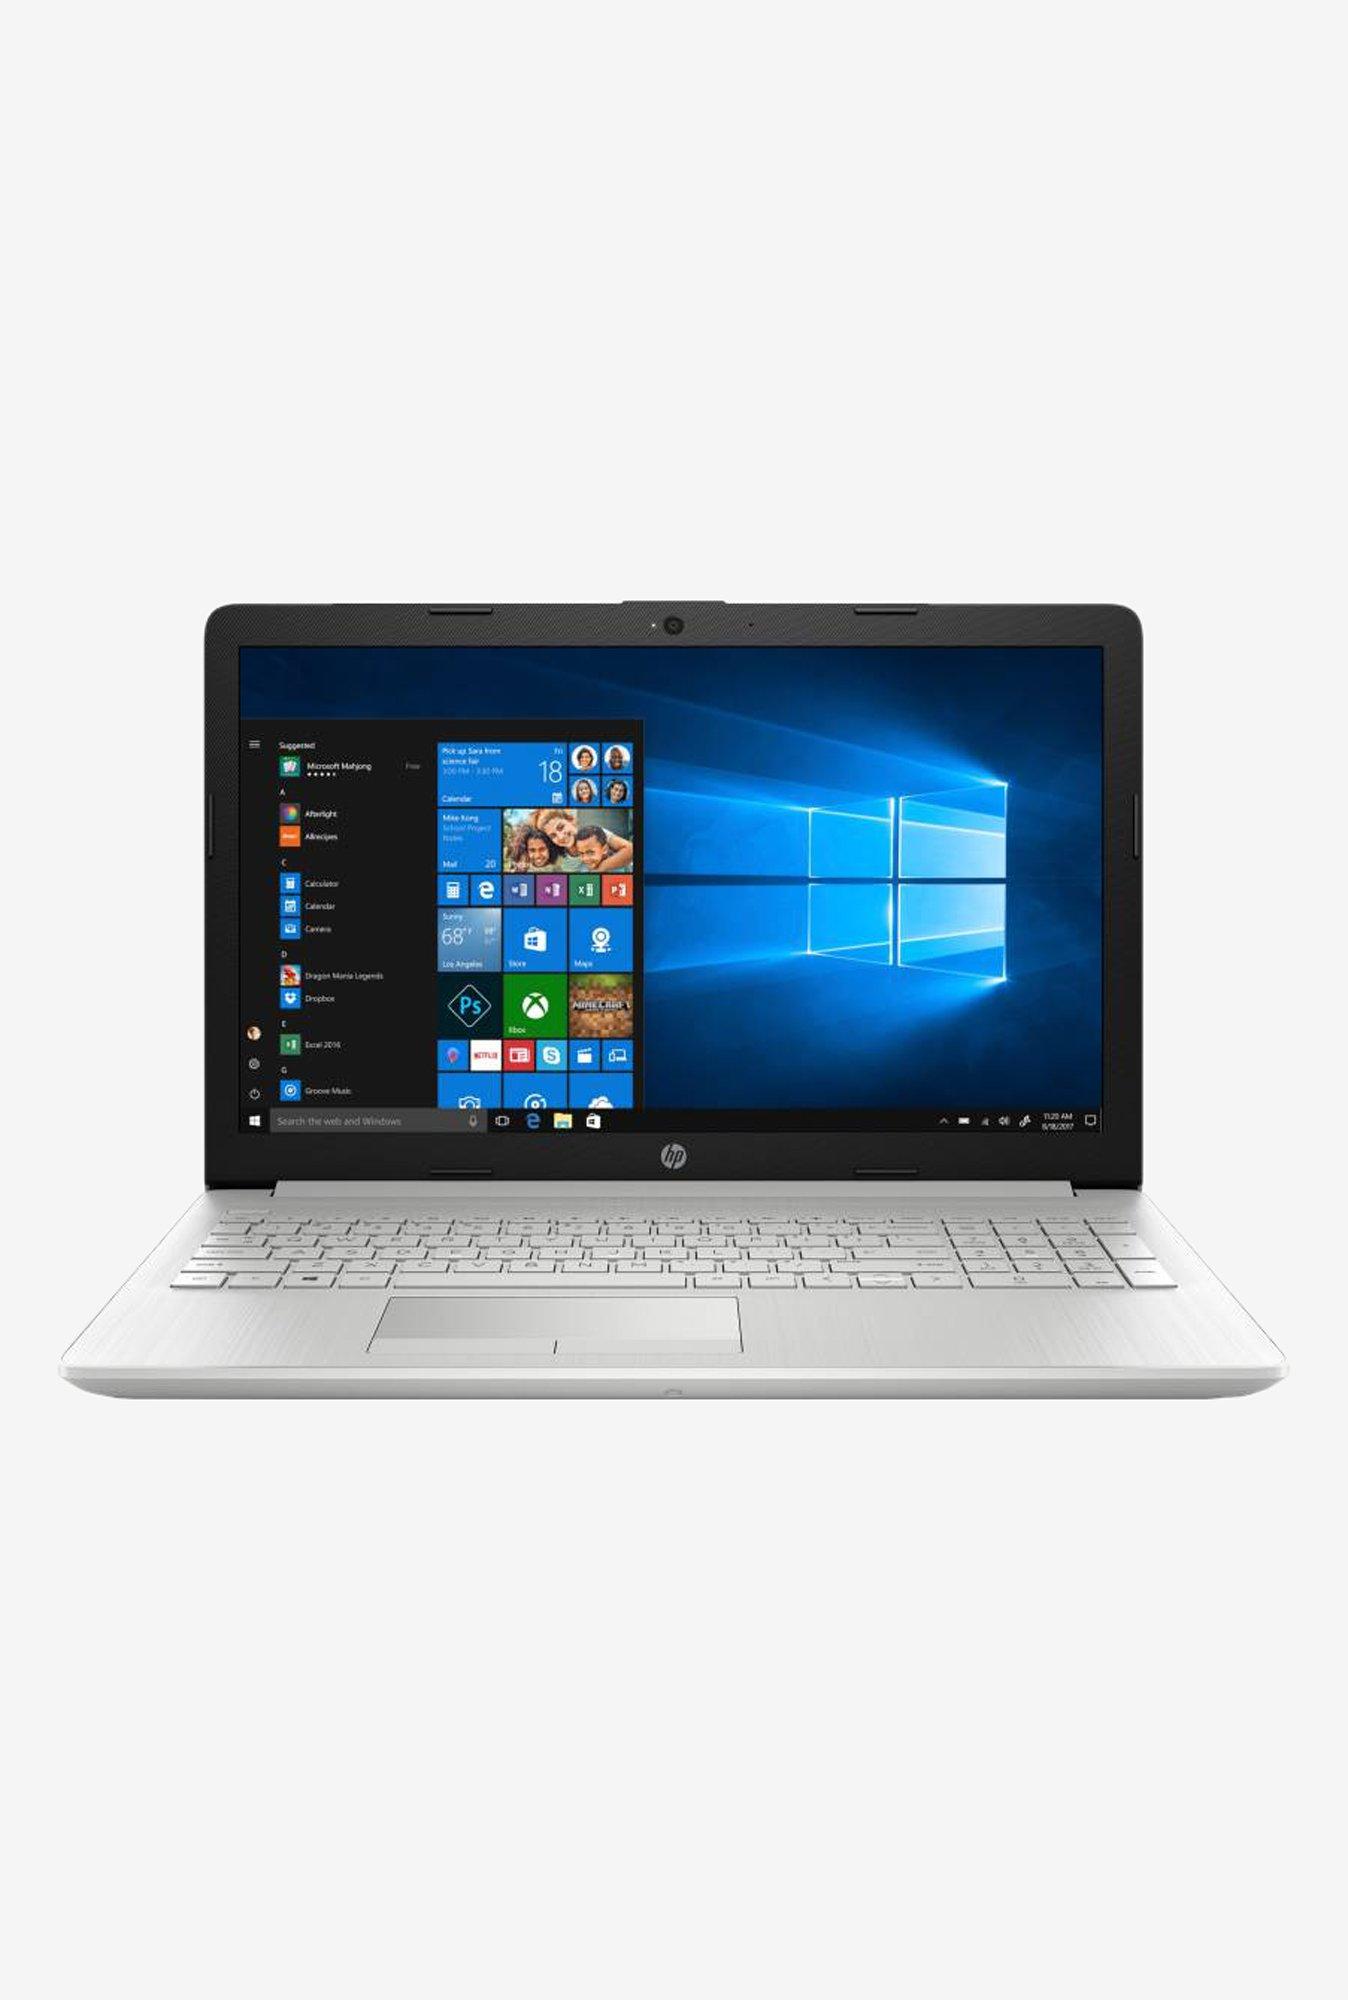 HP Notebook DA0327TU (i3 7th Gen/4GB/1TB/15.6 inch/Windows 10 + MS Office/INT/1.77 kg) Silver